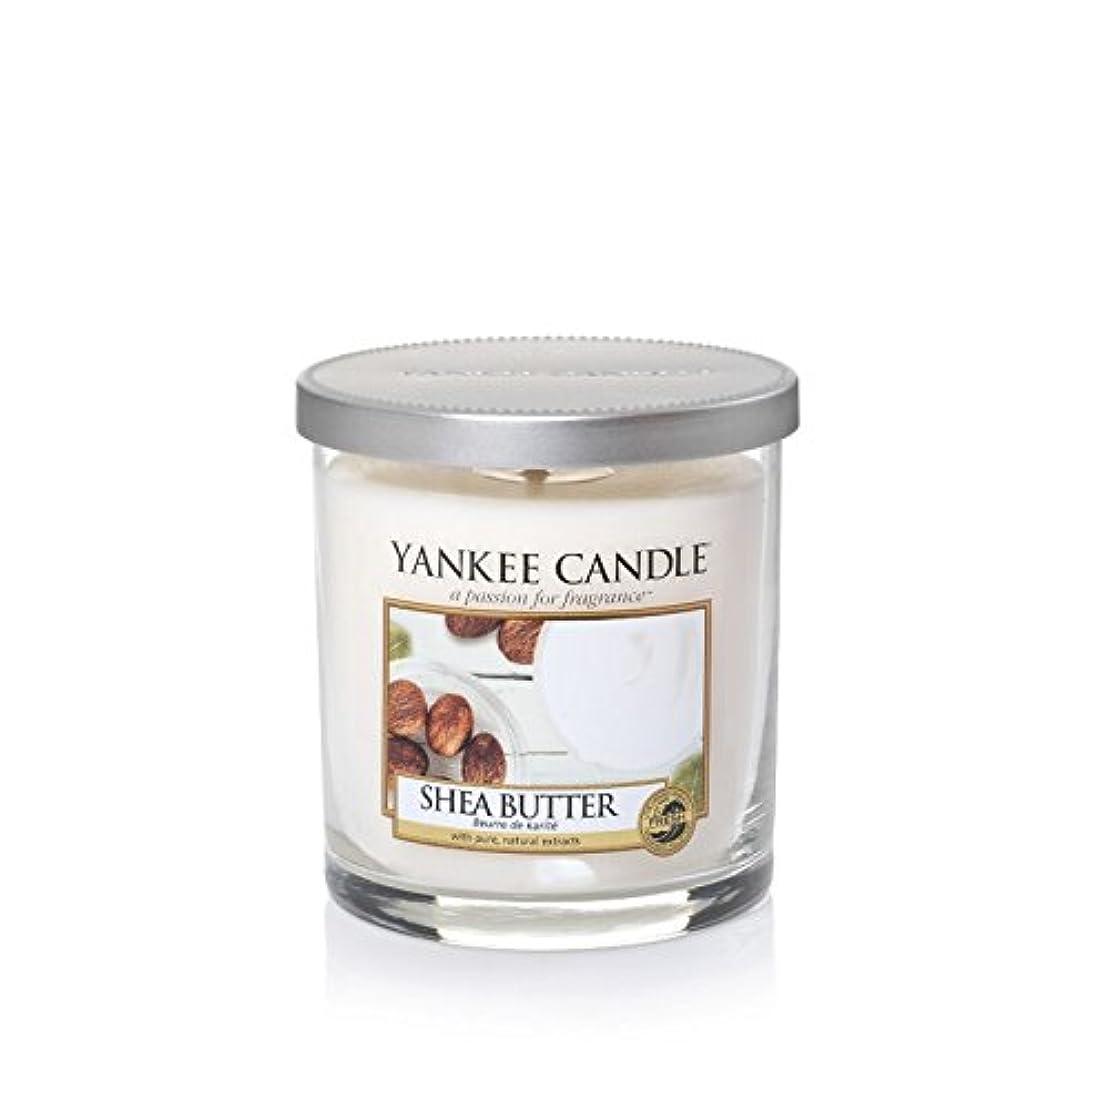 恩恵アカデミー親愛なヤンキーキャンドルの小さな柱キャンドル - シアバター - Yankee Candles Small Pillar Candle - Shea Butter (Yankee Candles) [並行輸入品]